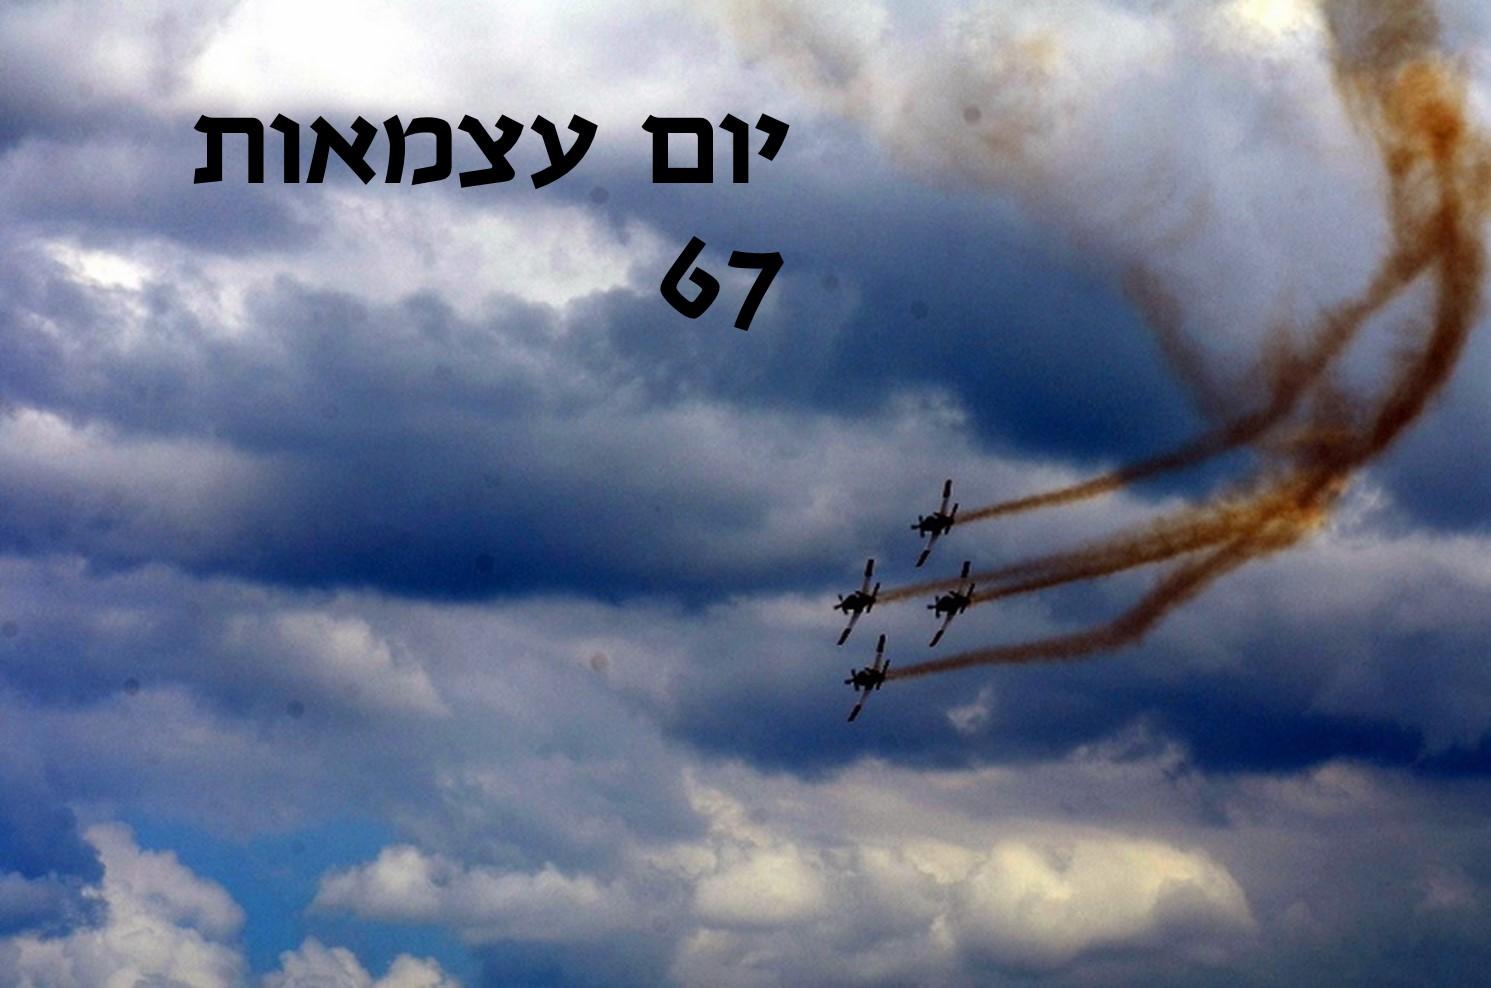 יום עצמאות 67